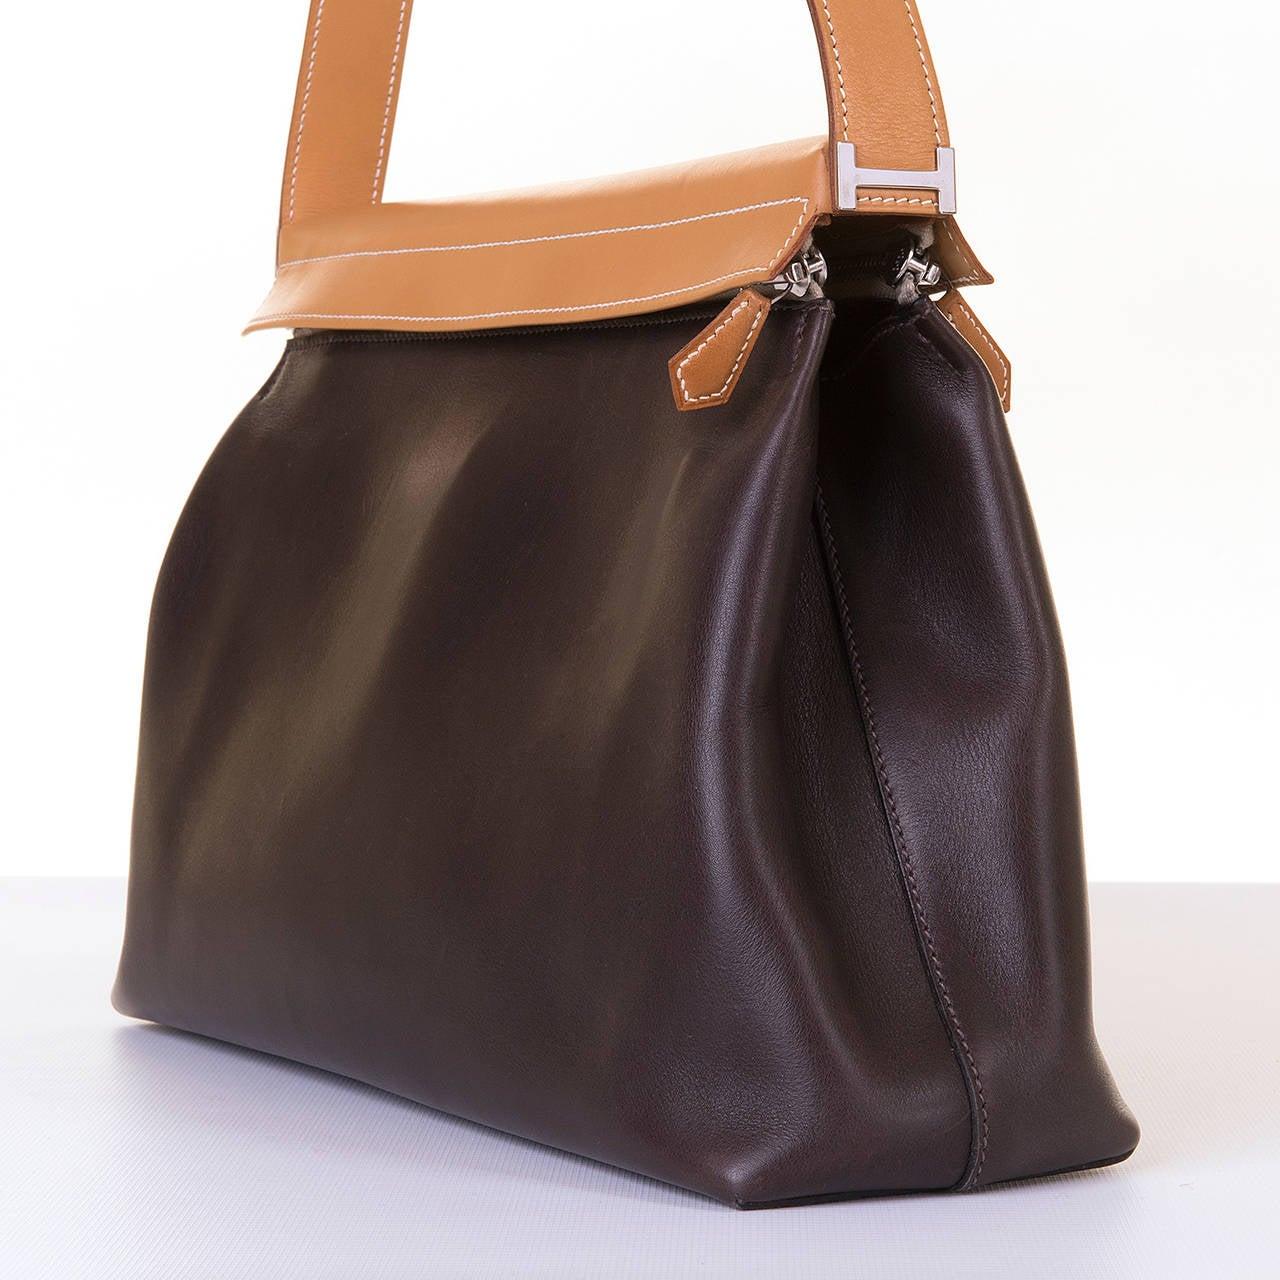 a rare and 39 tres chic 39 hermes vintage shoulder bag in choc brown at 1stdibs. Black Bedroom Furniture Sets. Home Design Ideas